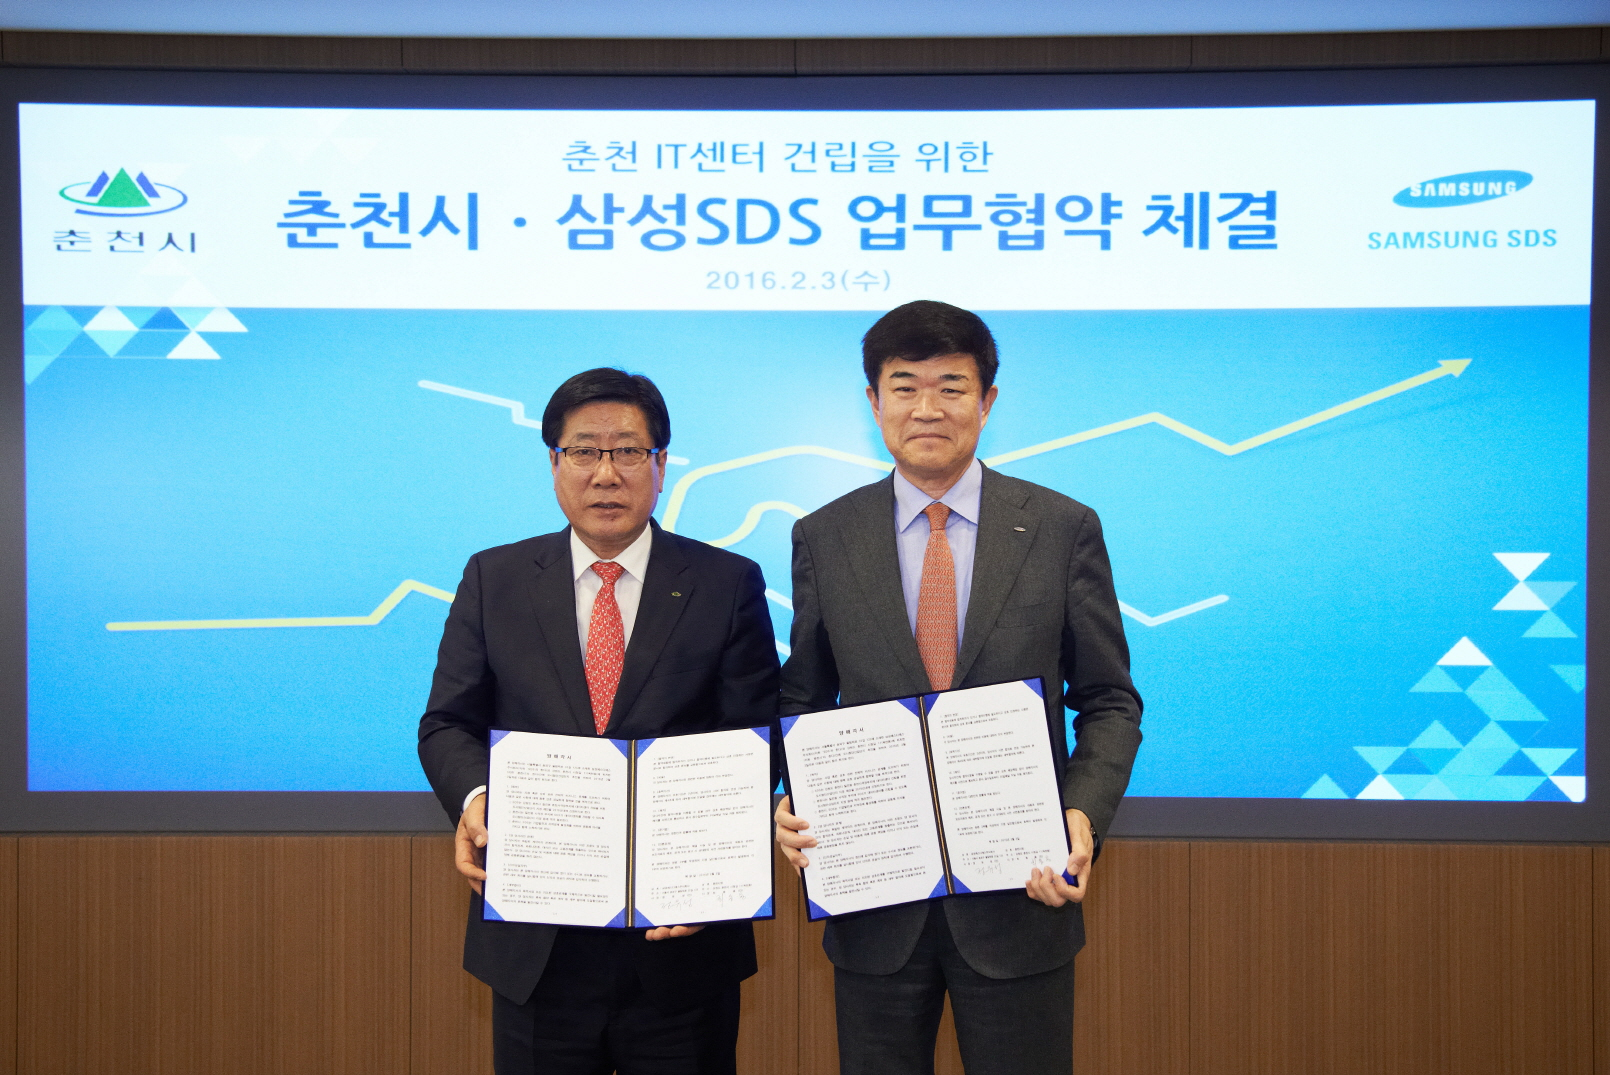 삼성SDS, 금융제2데이터센터 춘천市에 구축